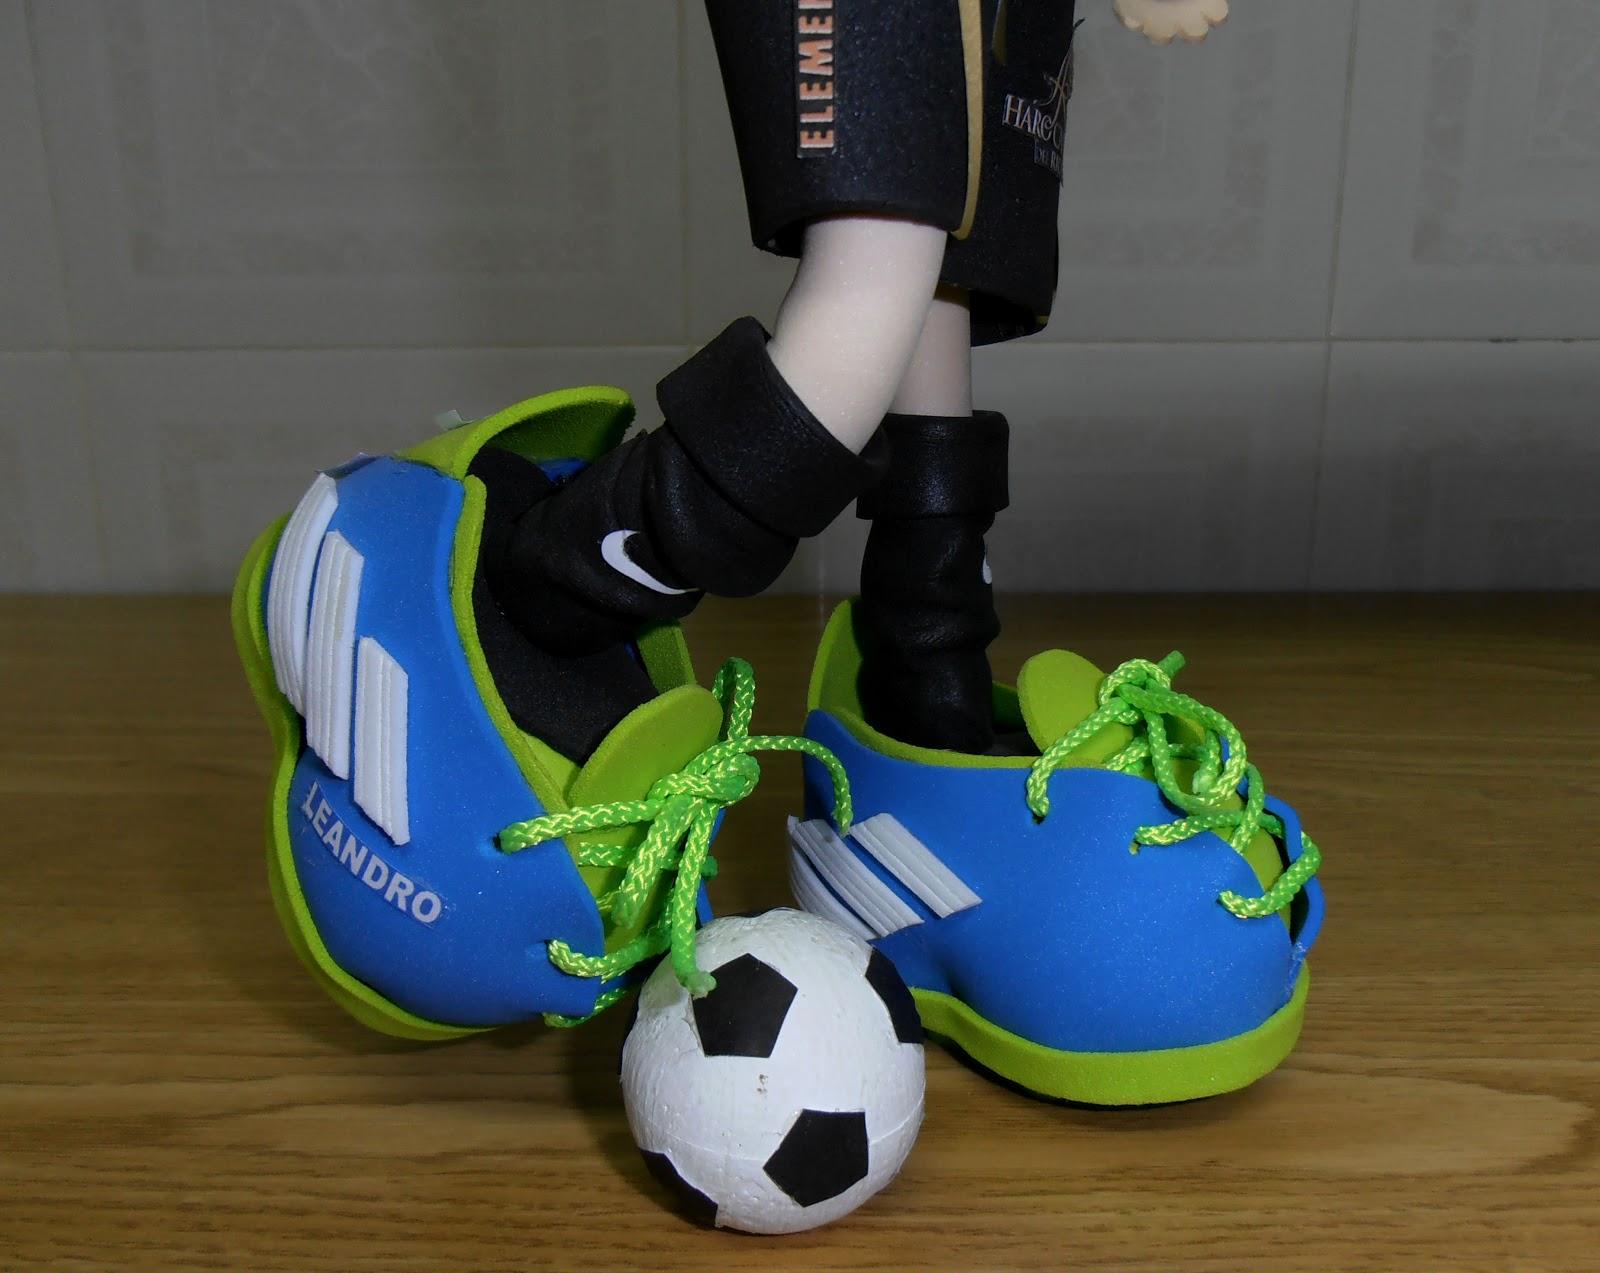 botas de futbol fofuchas pano a pano 76bd8da480f94